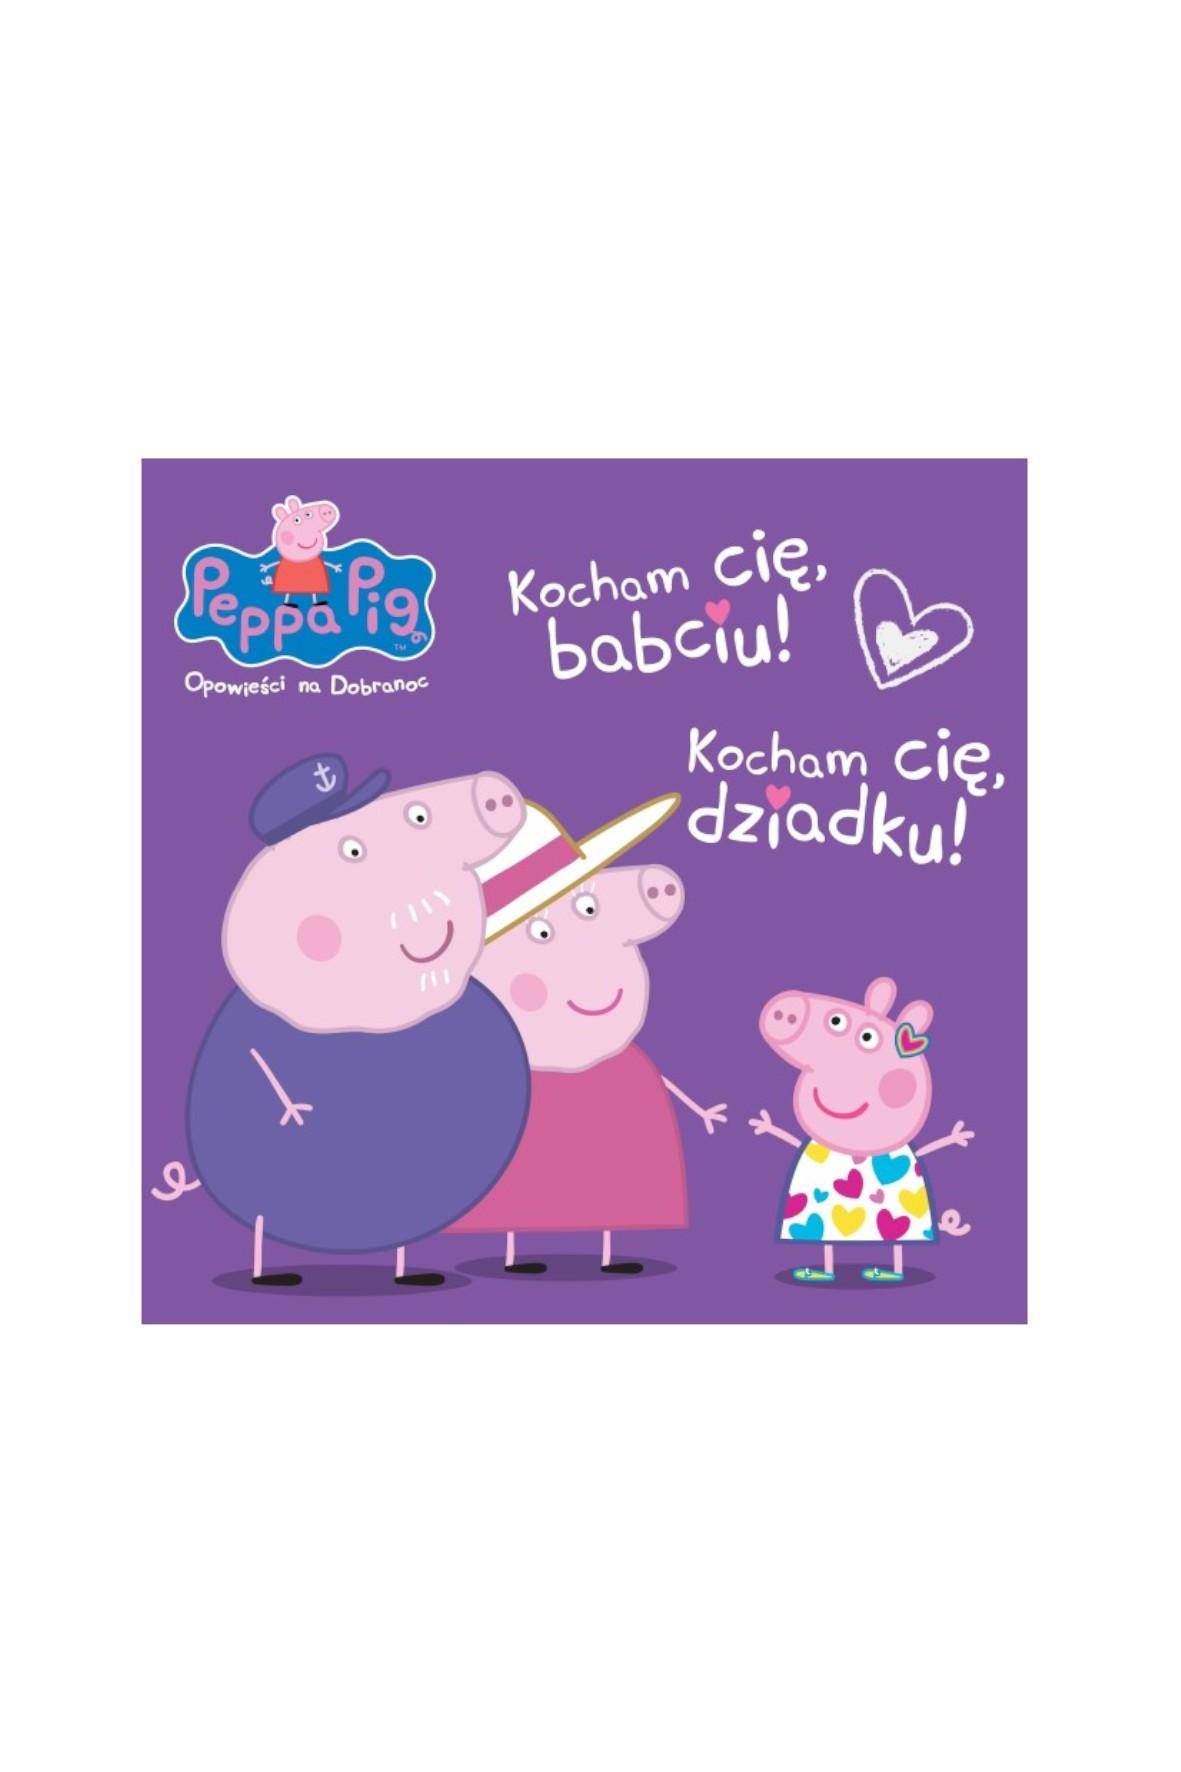 Książeczka Świnka Peppa - Opowieści na dobranoc. Kocham Cię Babciu i Dziadku!